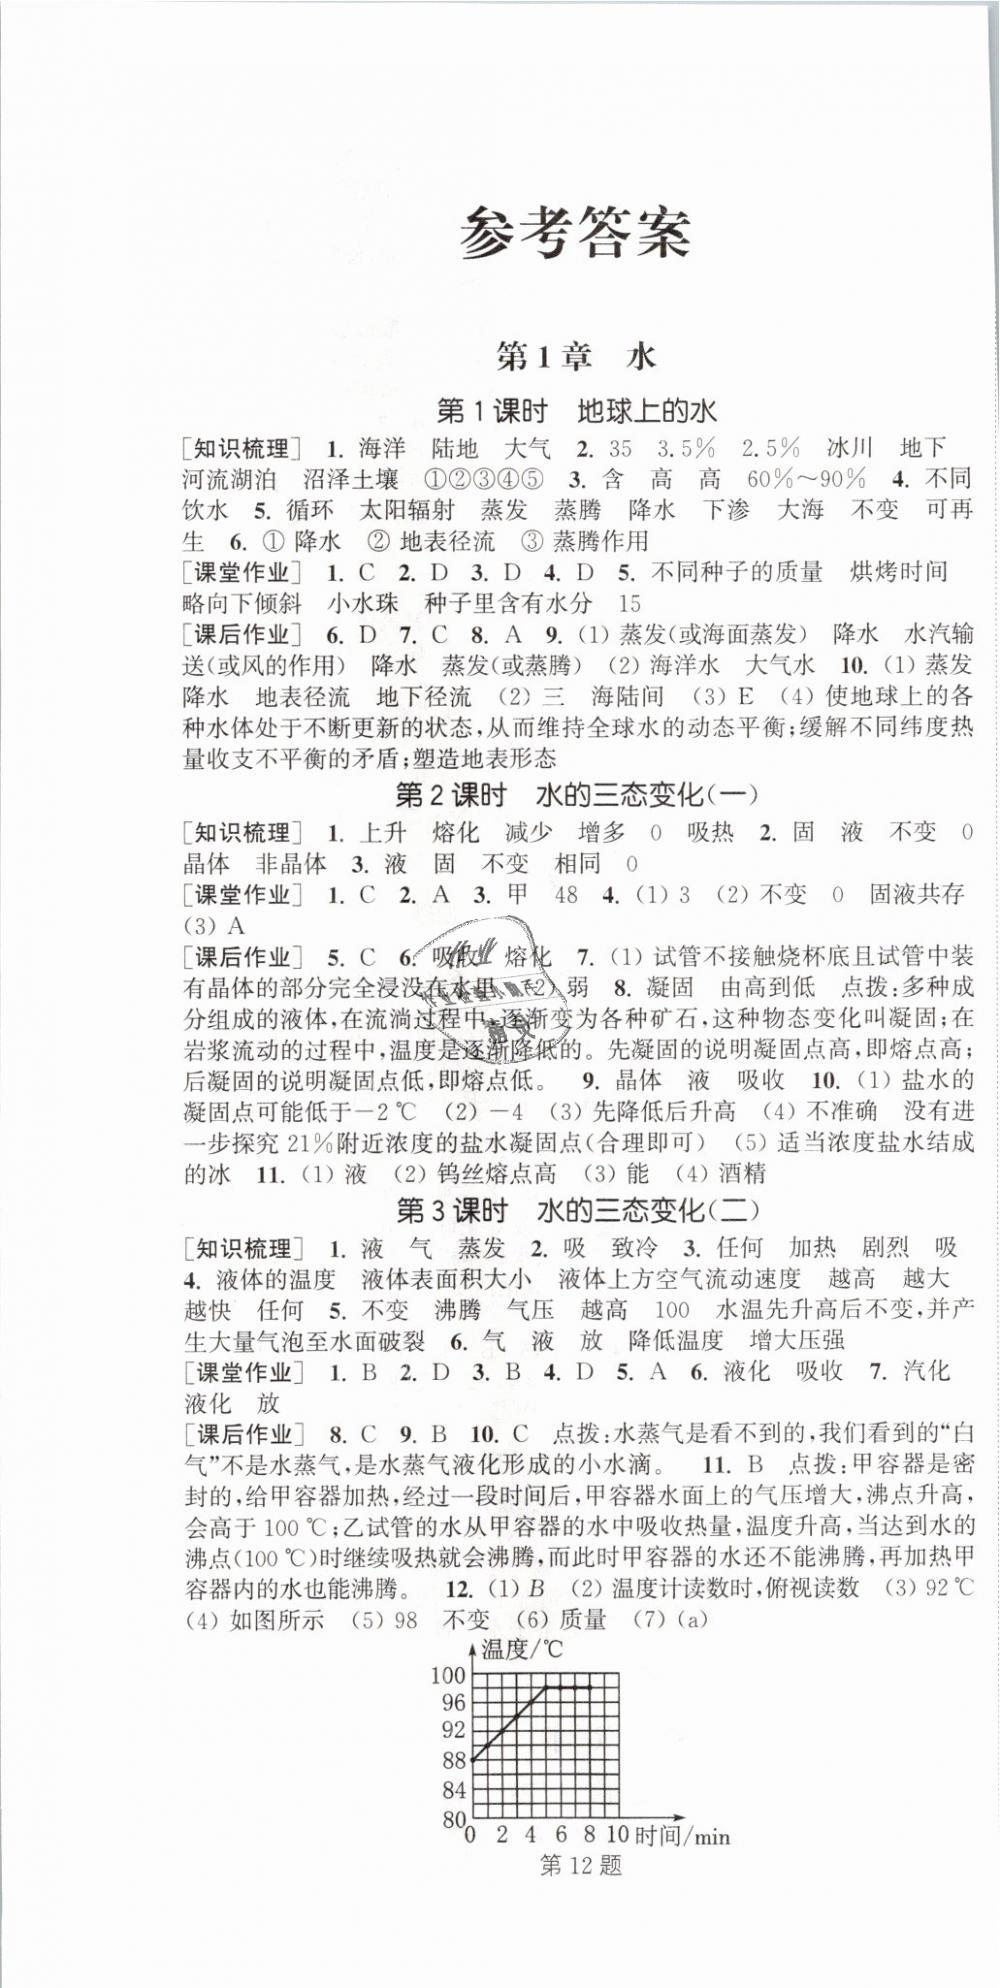 2019年通城学典课时作业本七年级科学下册华师大版第1页